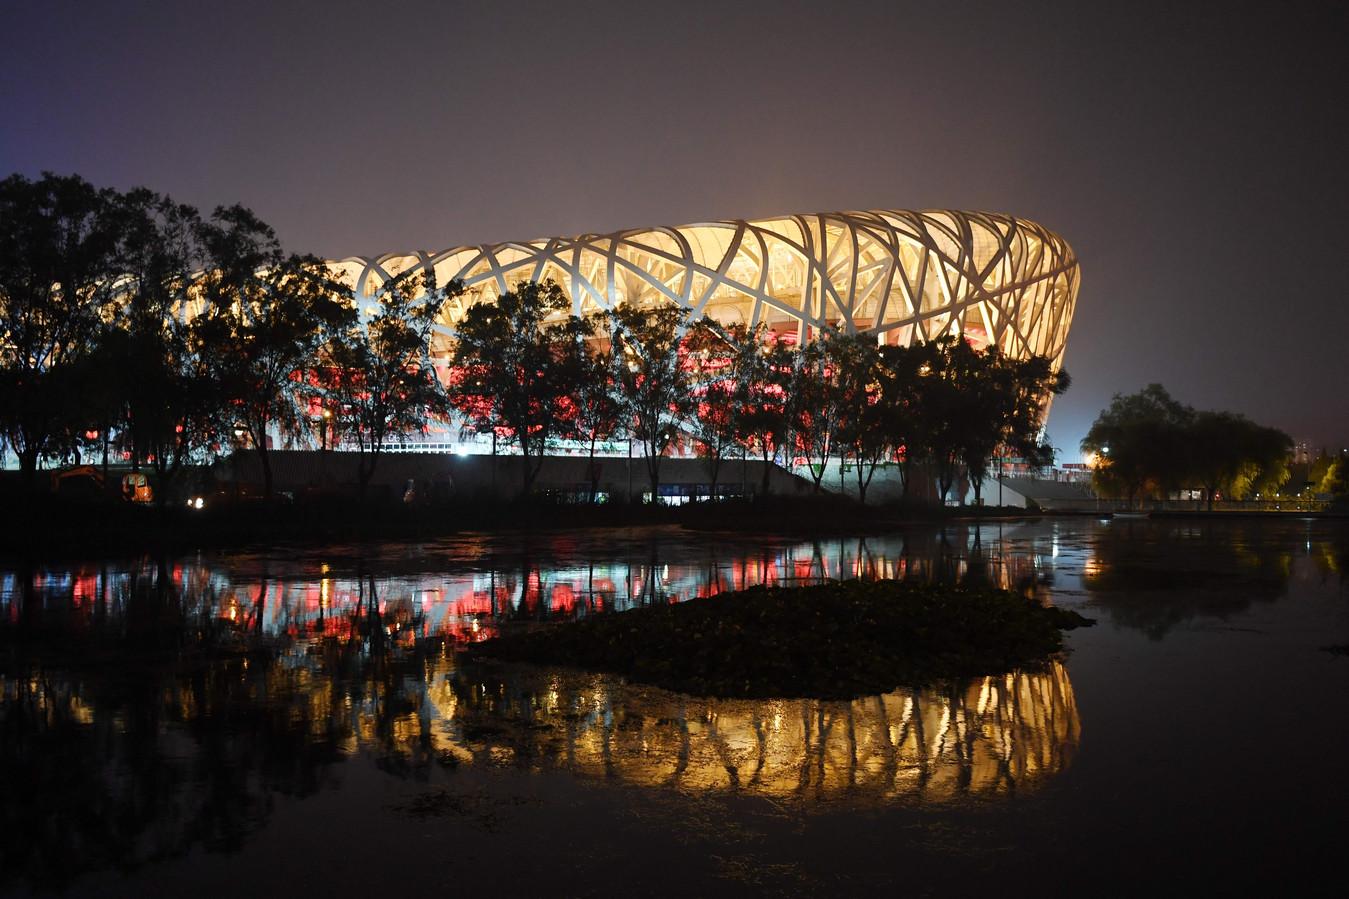 Het iconische Vogelnest is samen met de Watercube, de zwemarena, het enige stadion dat nog in gebruik is tien jaar na de Spelen.